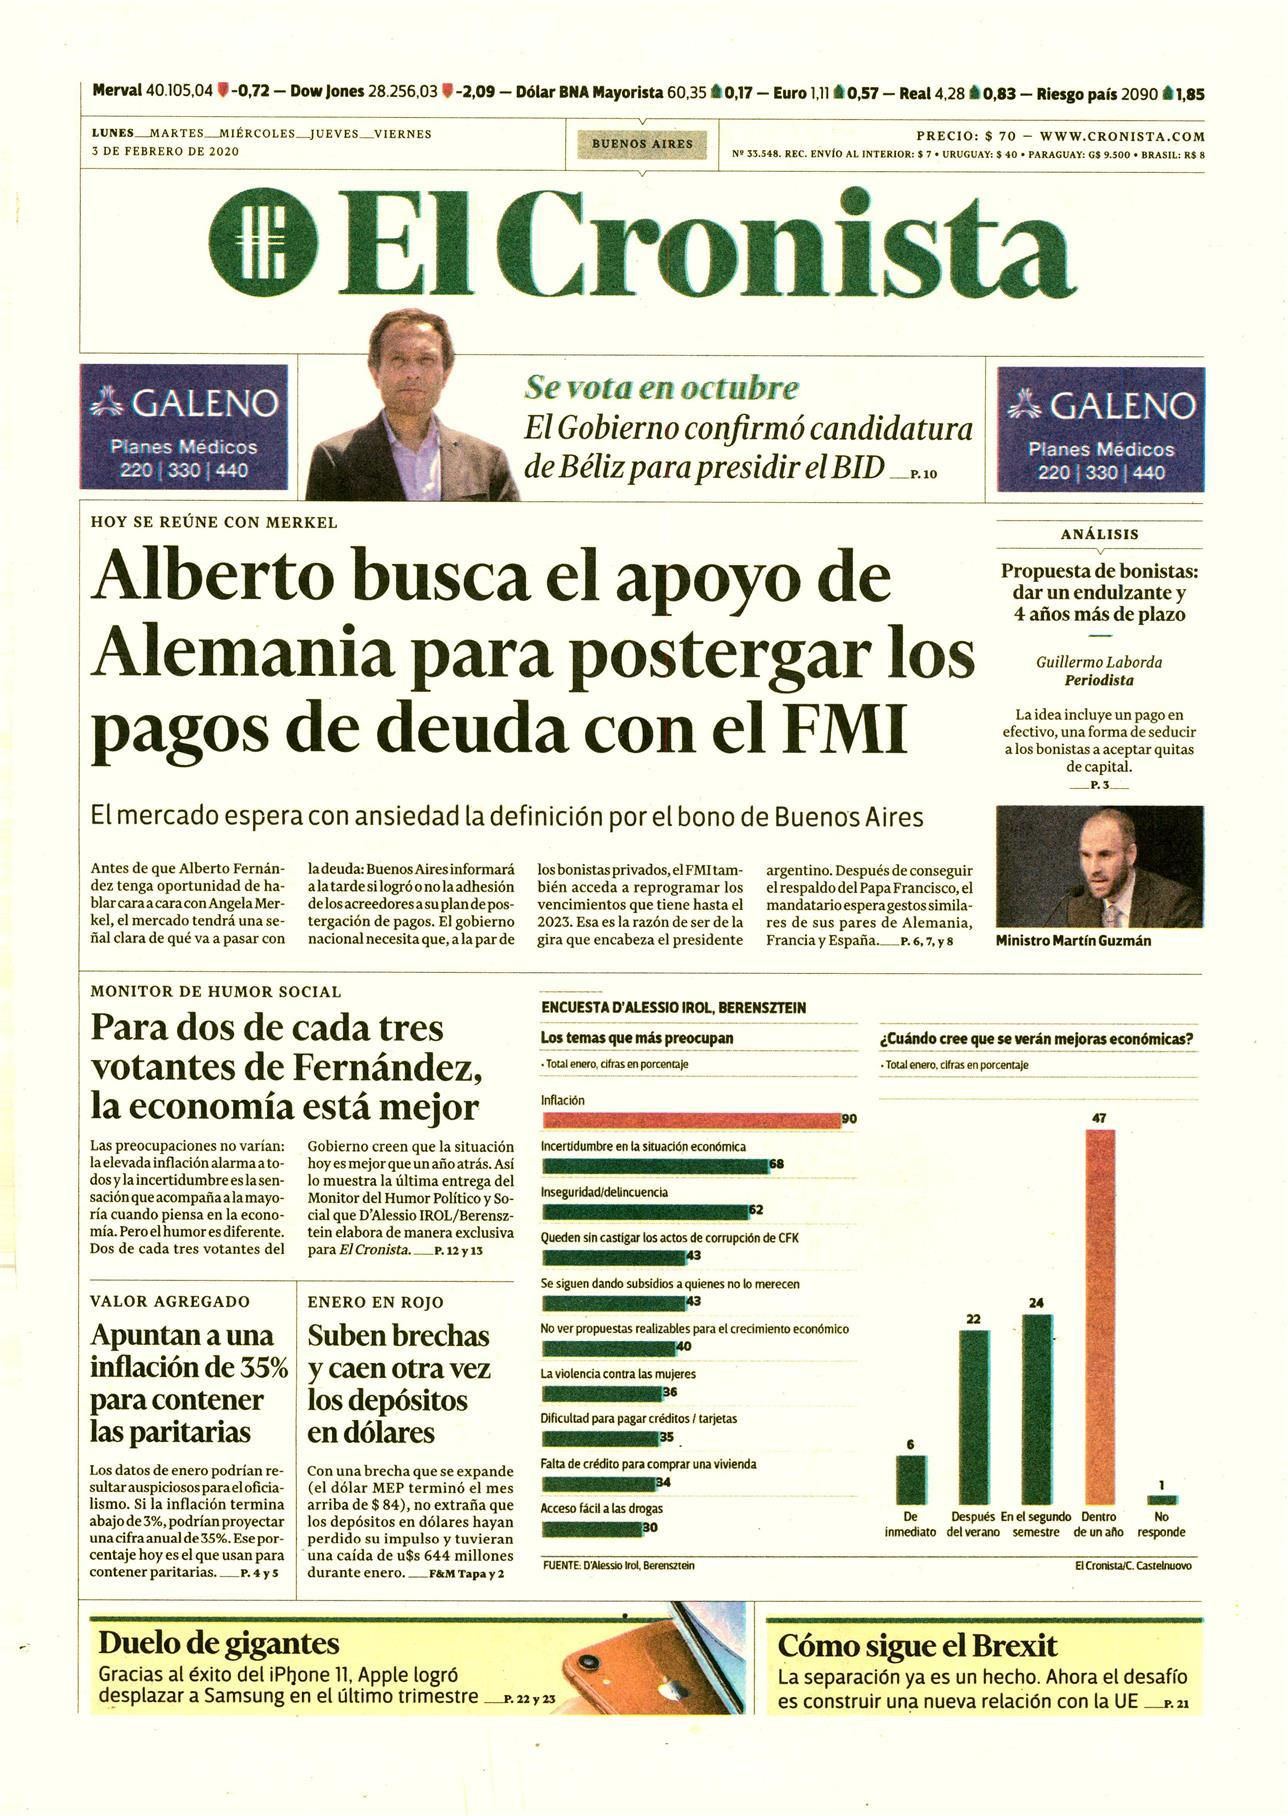 El Cronista - D'Alessio IROL - Eduardo D'Alessio